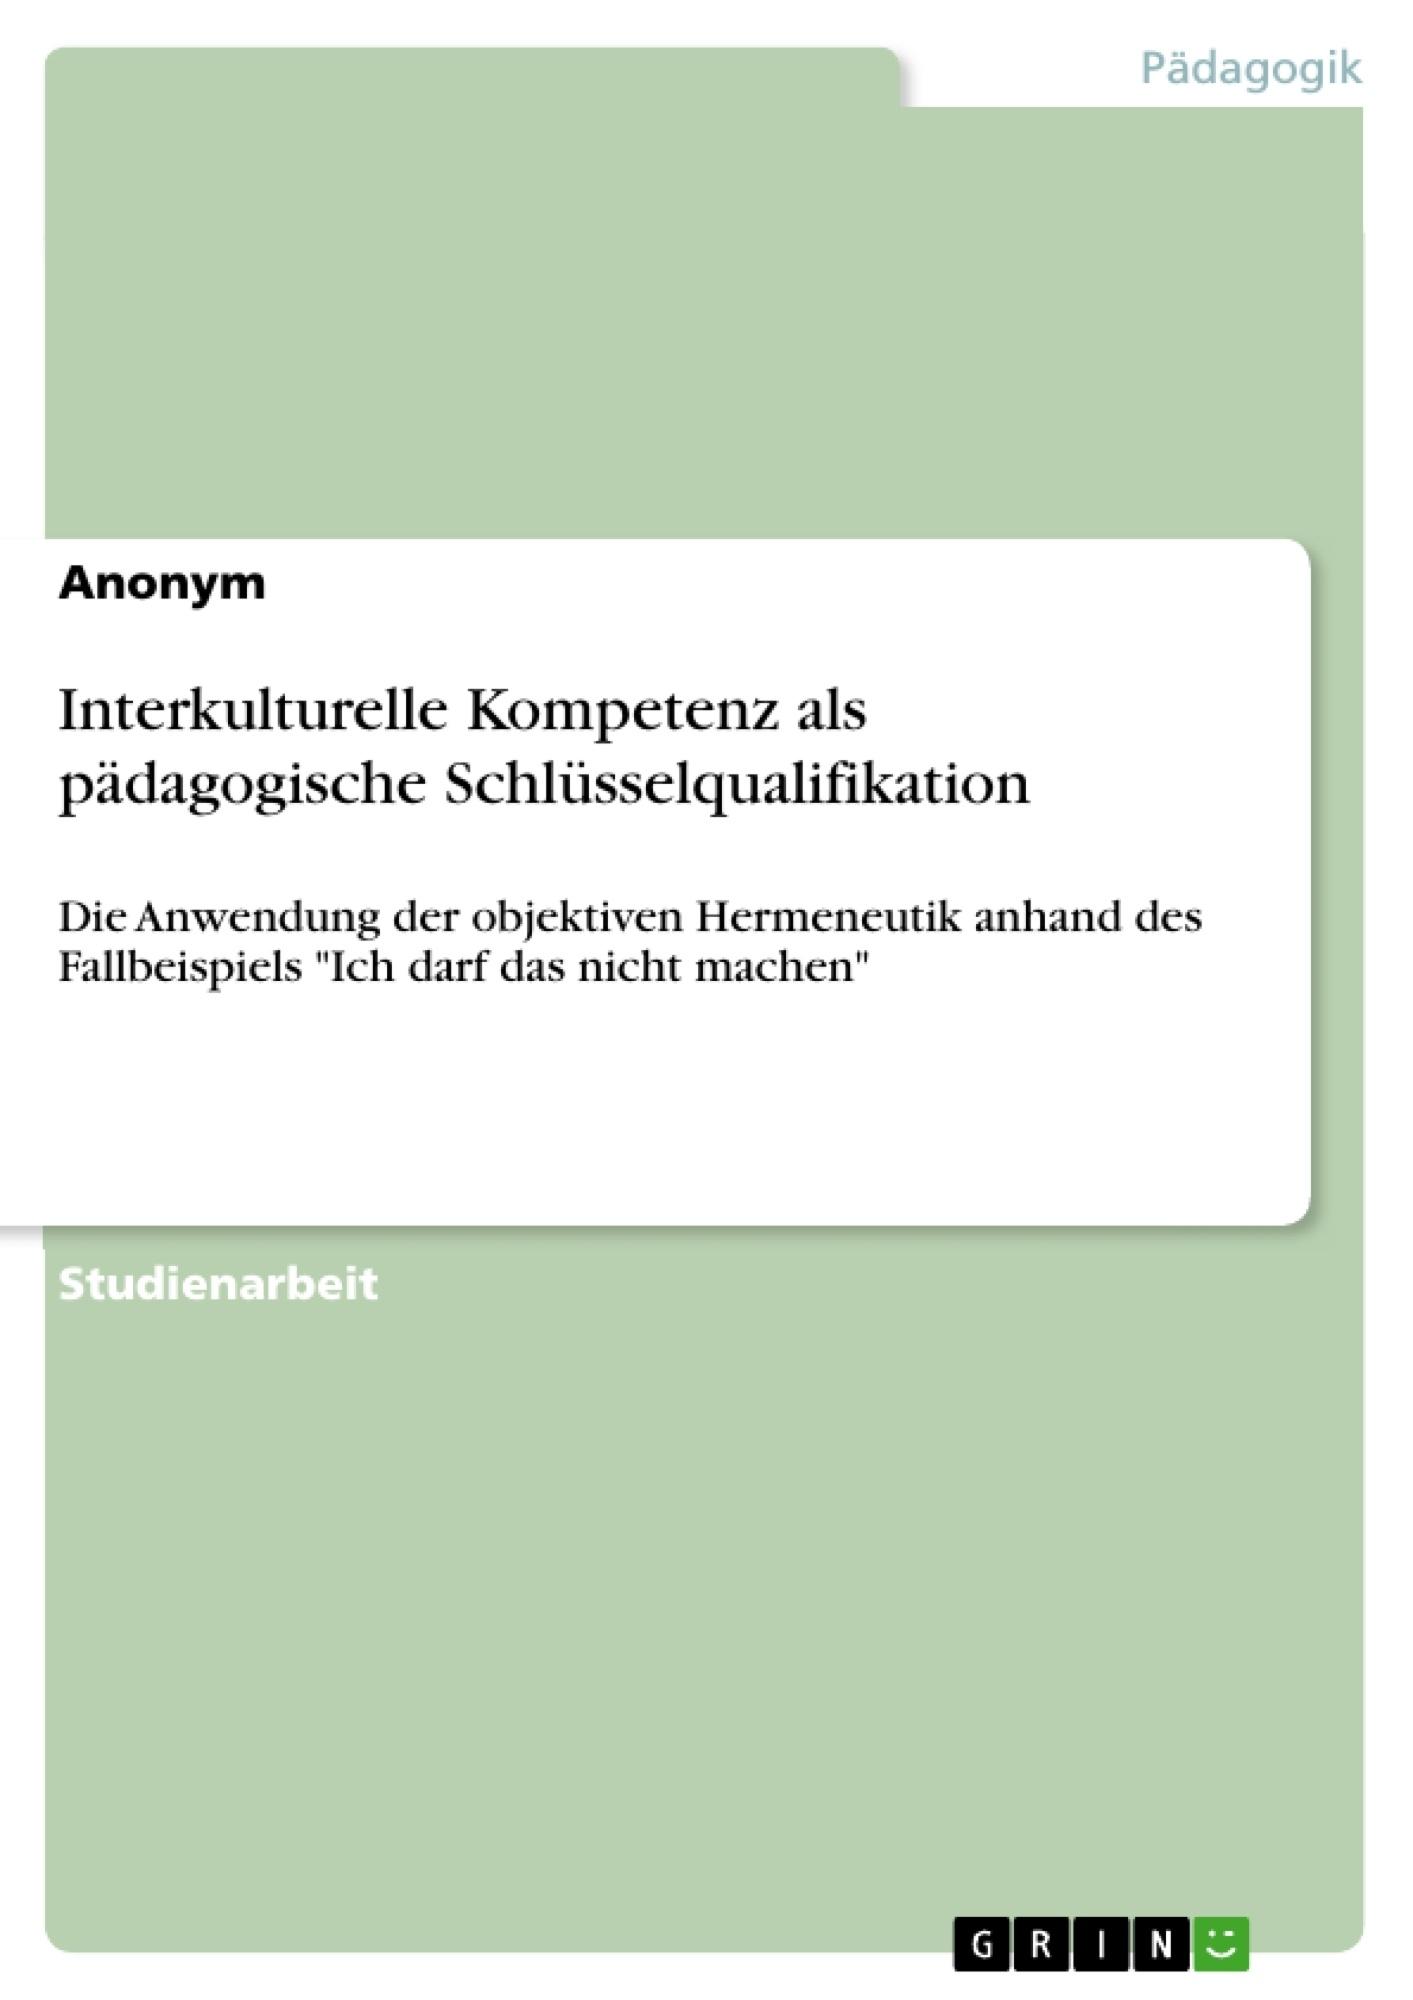 Titel: Interkulturelle Kompetenz als pädagogische Schlüsselqualifikation